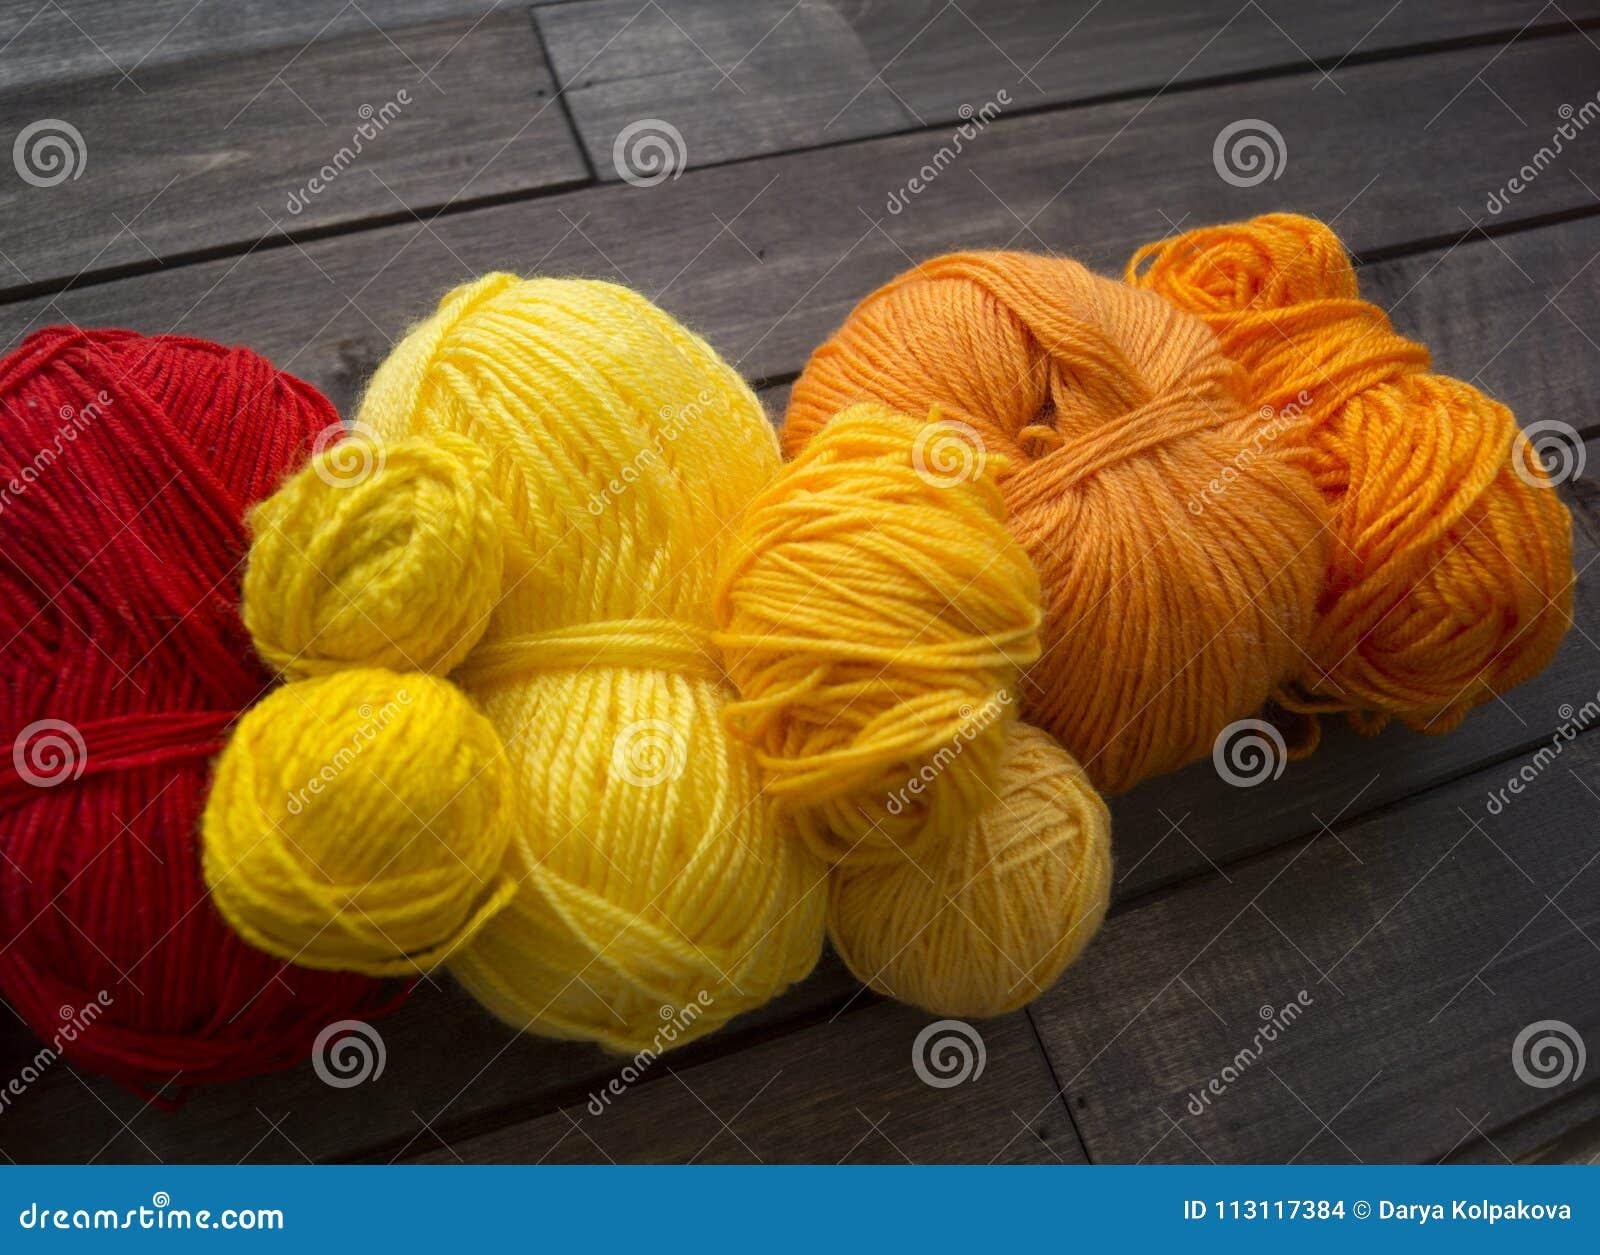 Billes de filé coloré Le processus de tricoter des chapeaux